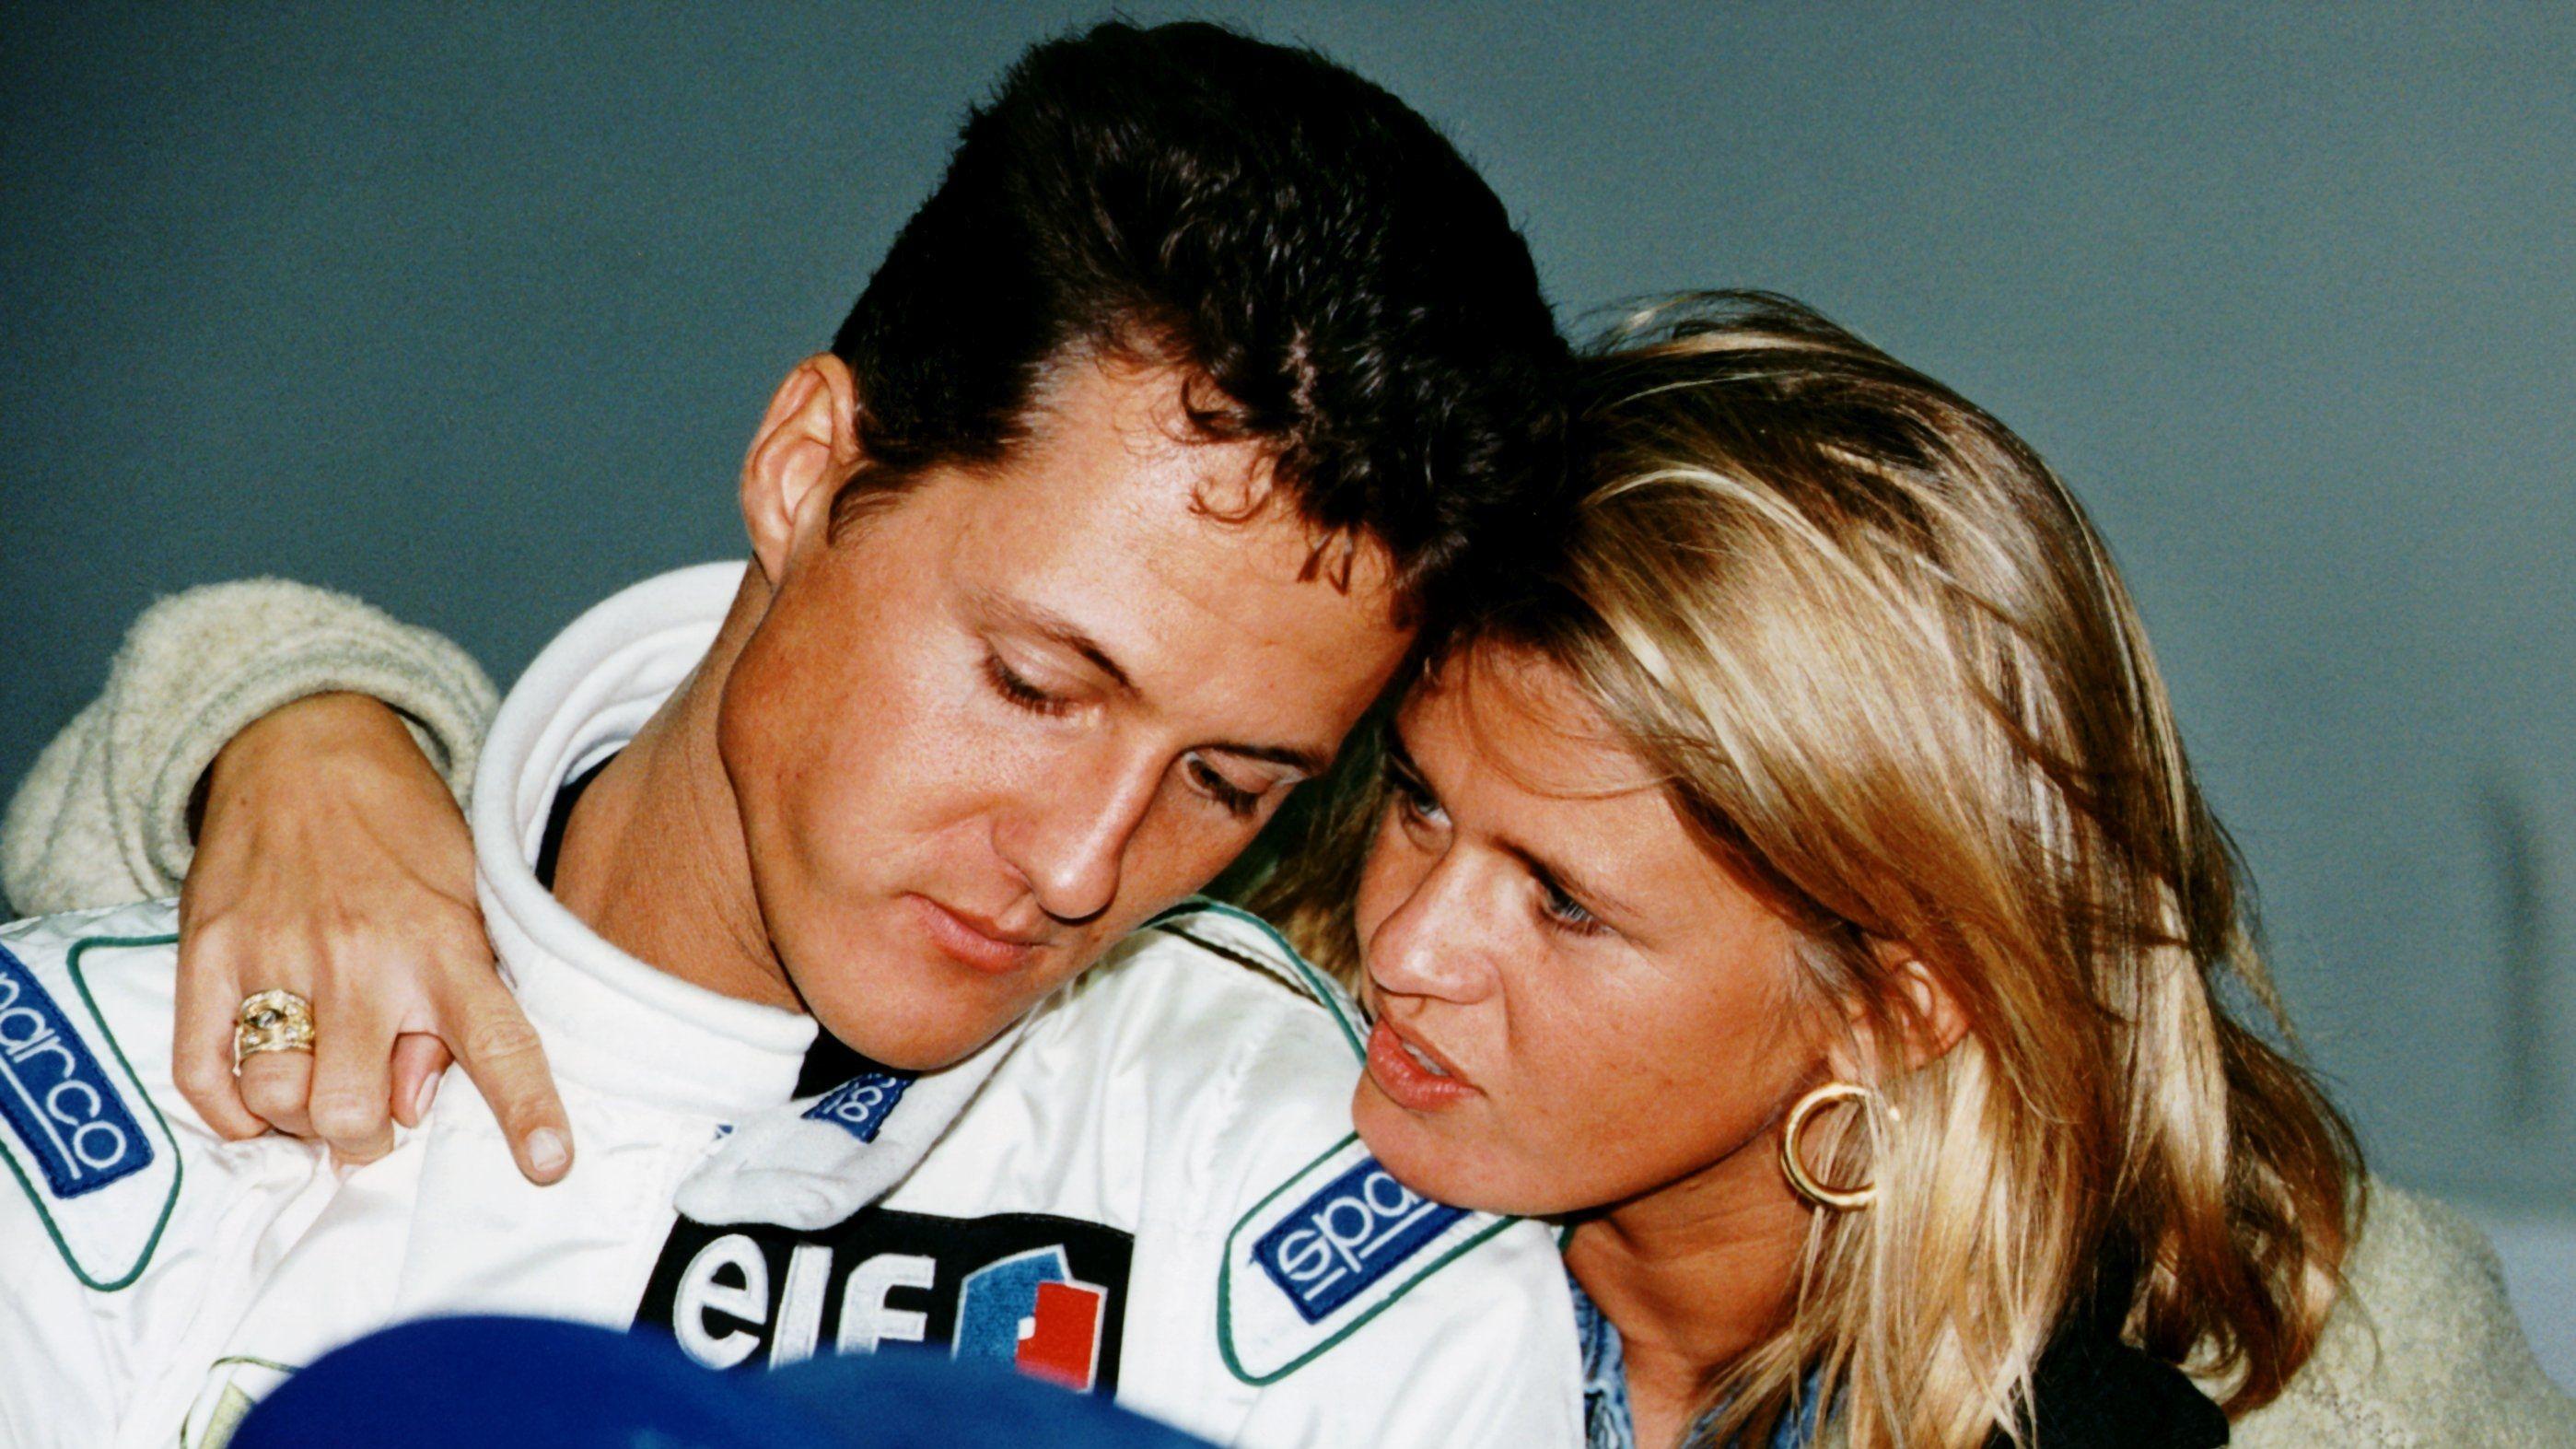 Das Leben von Michael Schumacher wird als Dokumentation verfilmt. Hier ein Bild von 1994 mit seiner späteren Ehefrau Corinna.